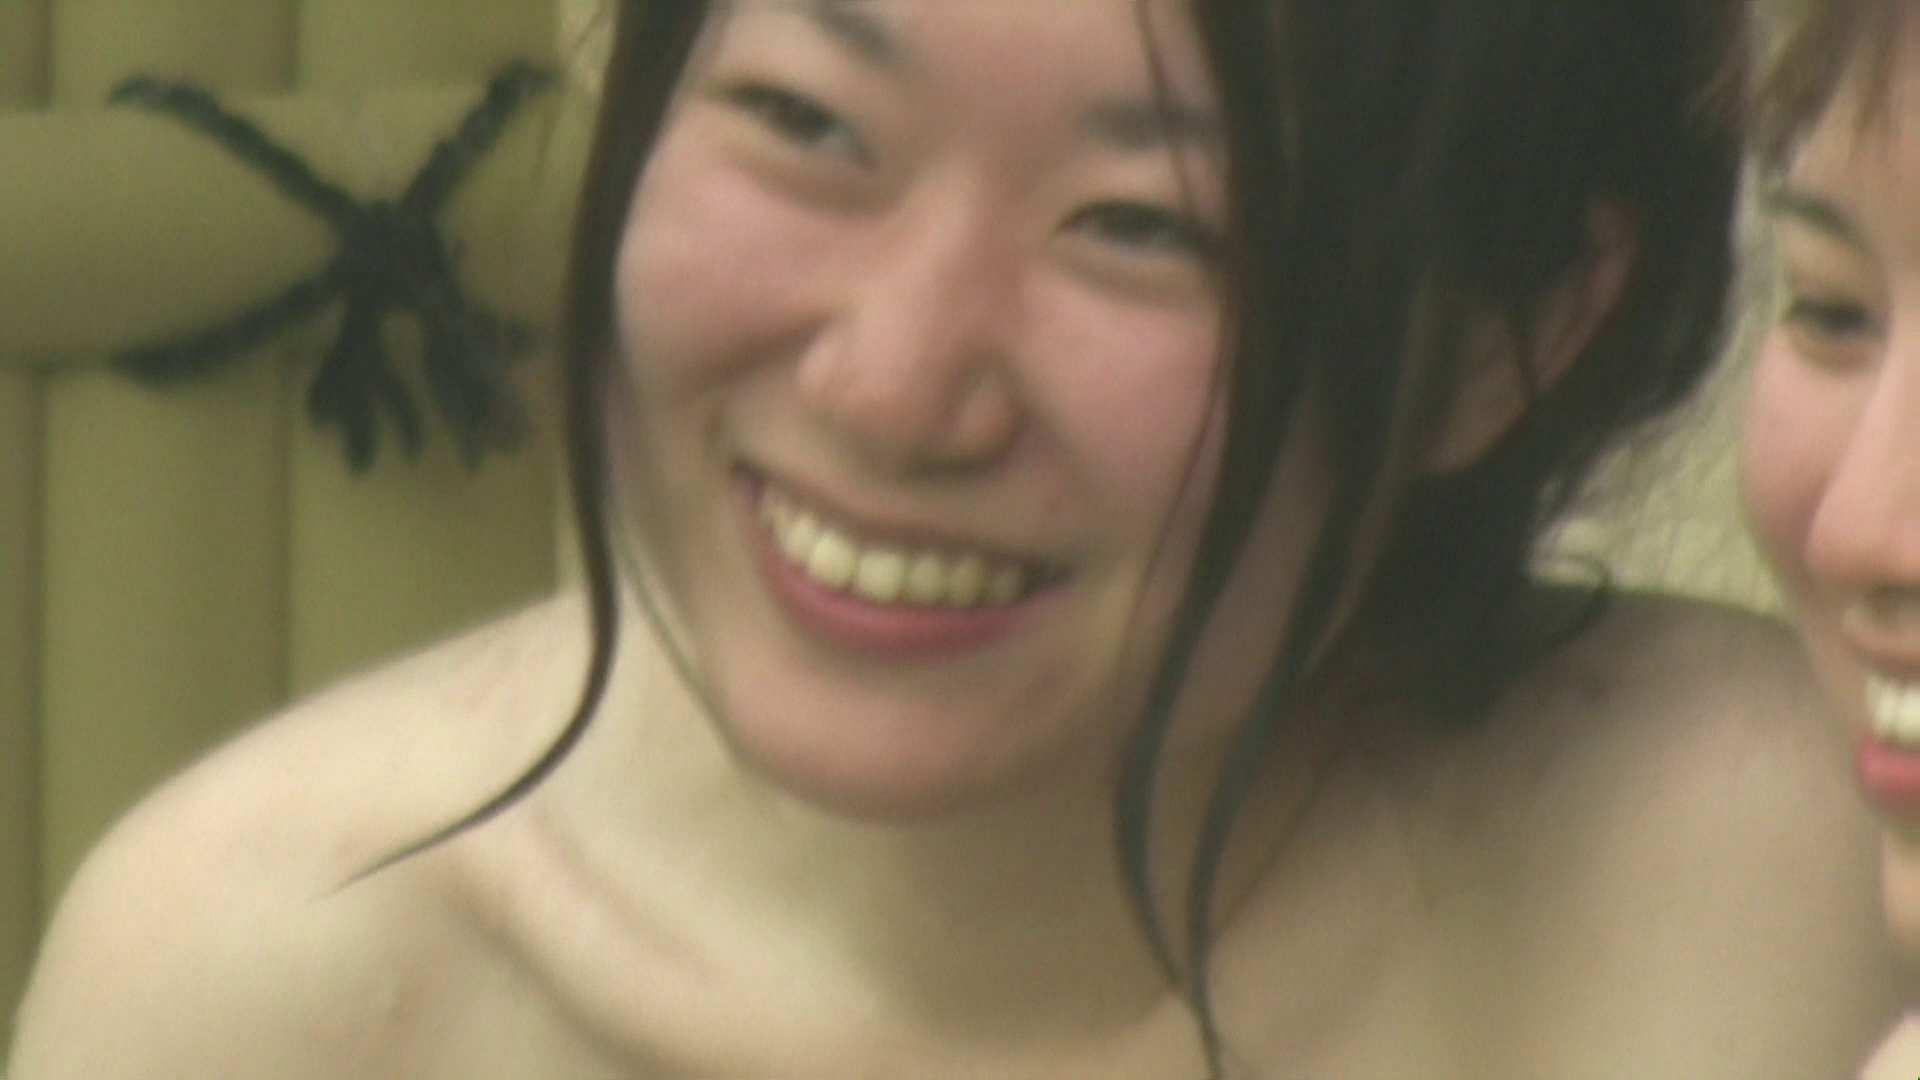 高画質露天女風呂観察 vol.025 望遠映像 オメコ無修正動画無料 88PIX 11